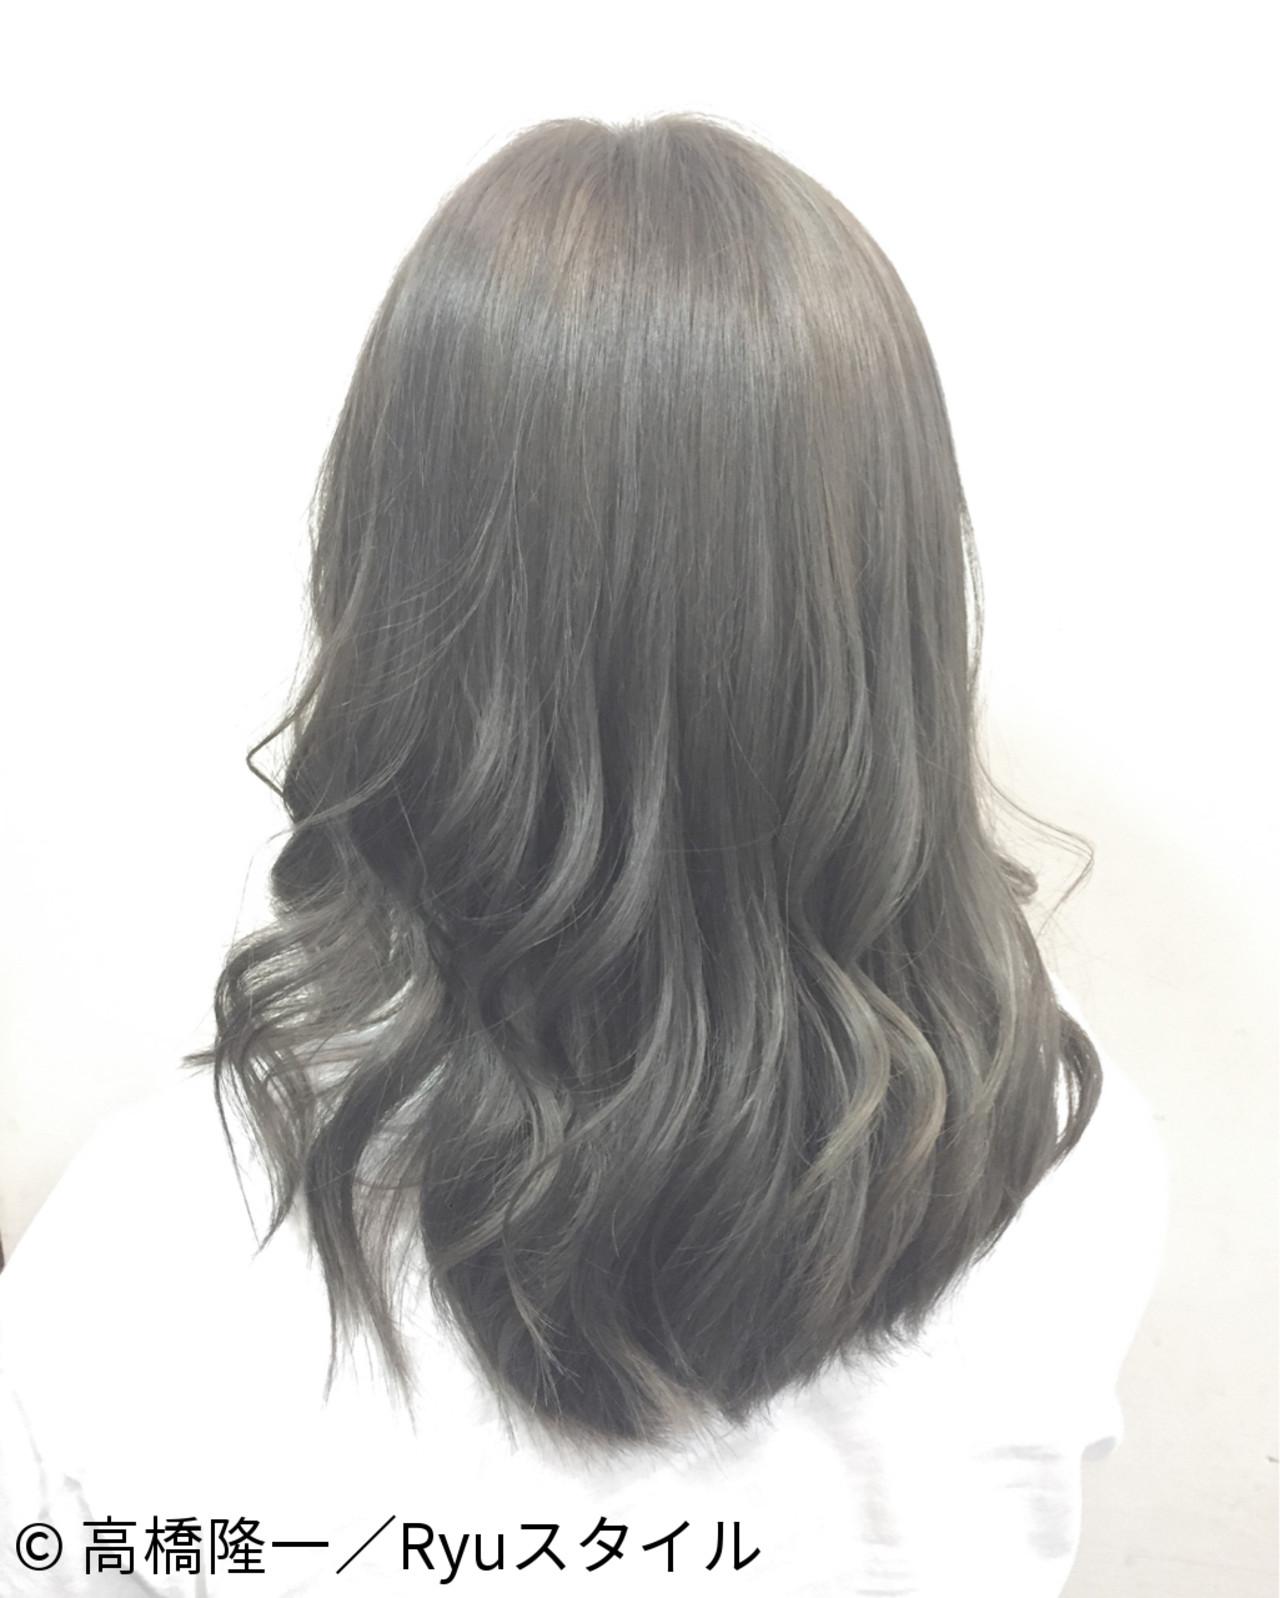 暗髪 アッシュ グラデーションカラー ミディアムヘアスタイルや髪型の写真・画像